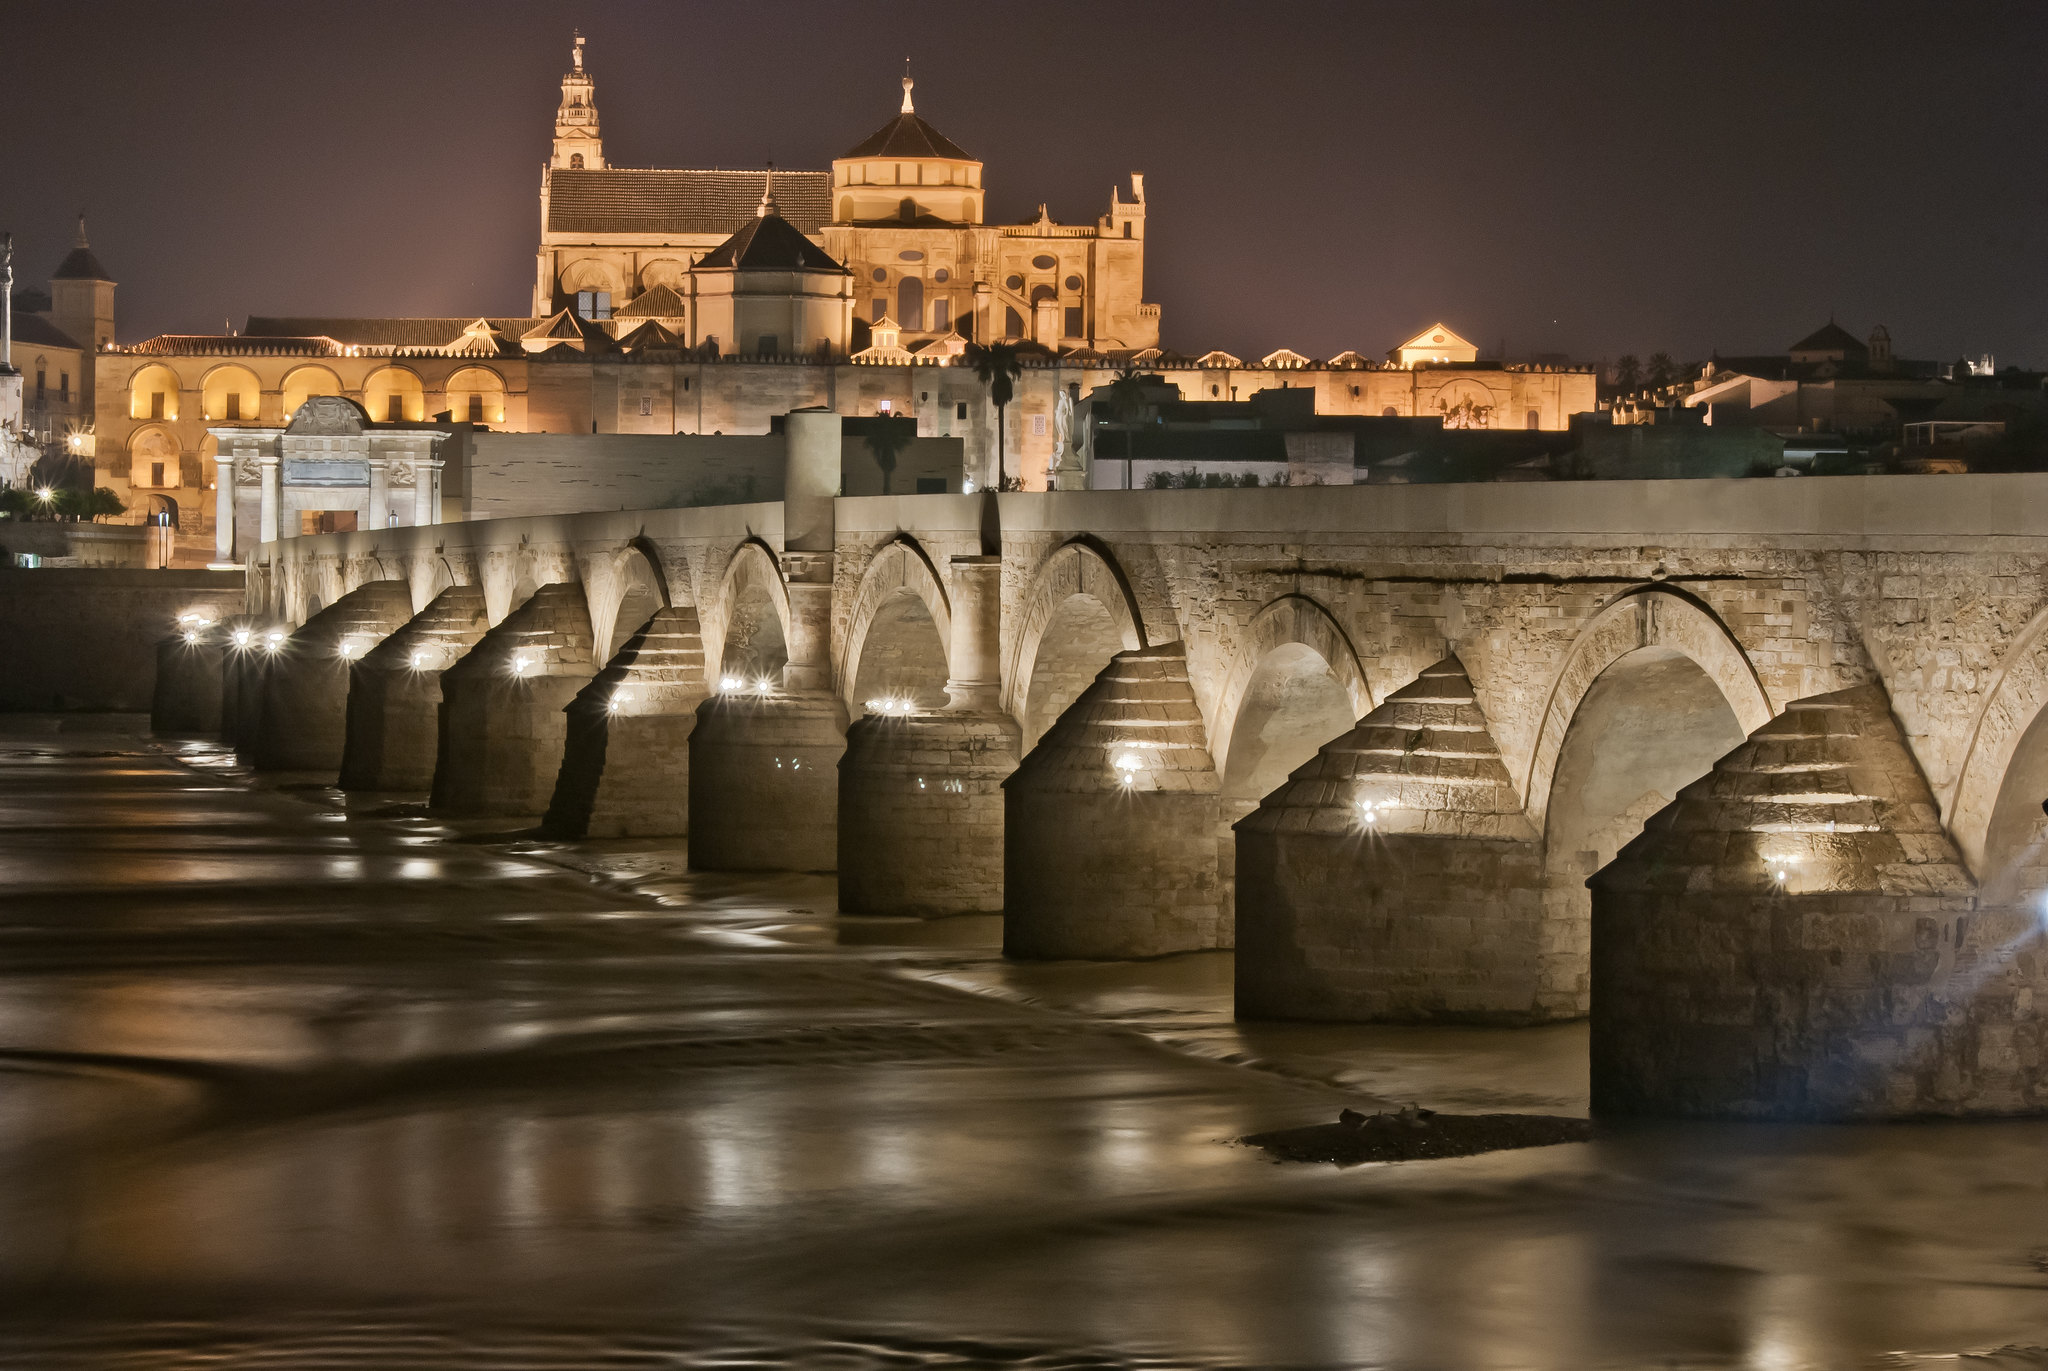 puente-romano-cordoba-andaluciael-puente-romano-de-cordoba-esta-situado-sobre-el-rio-guadalquivir-a-su-paso-por-cordoba-y-une-el-barri.jpg